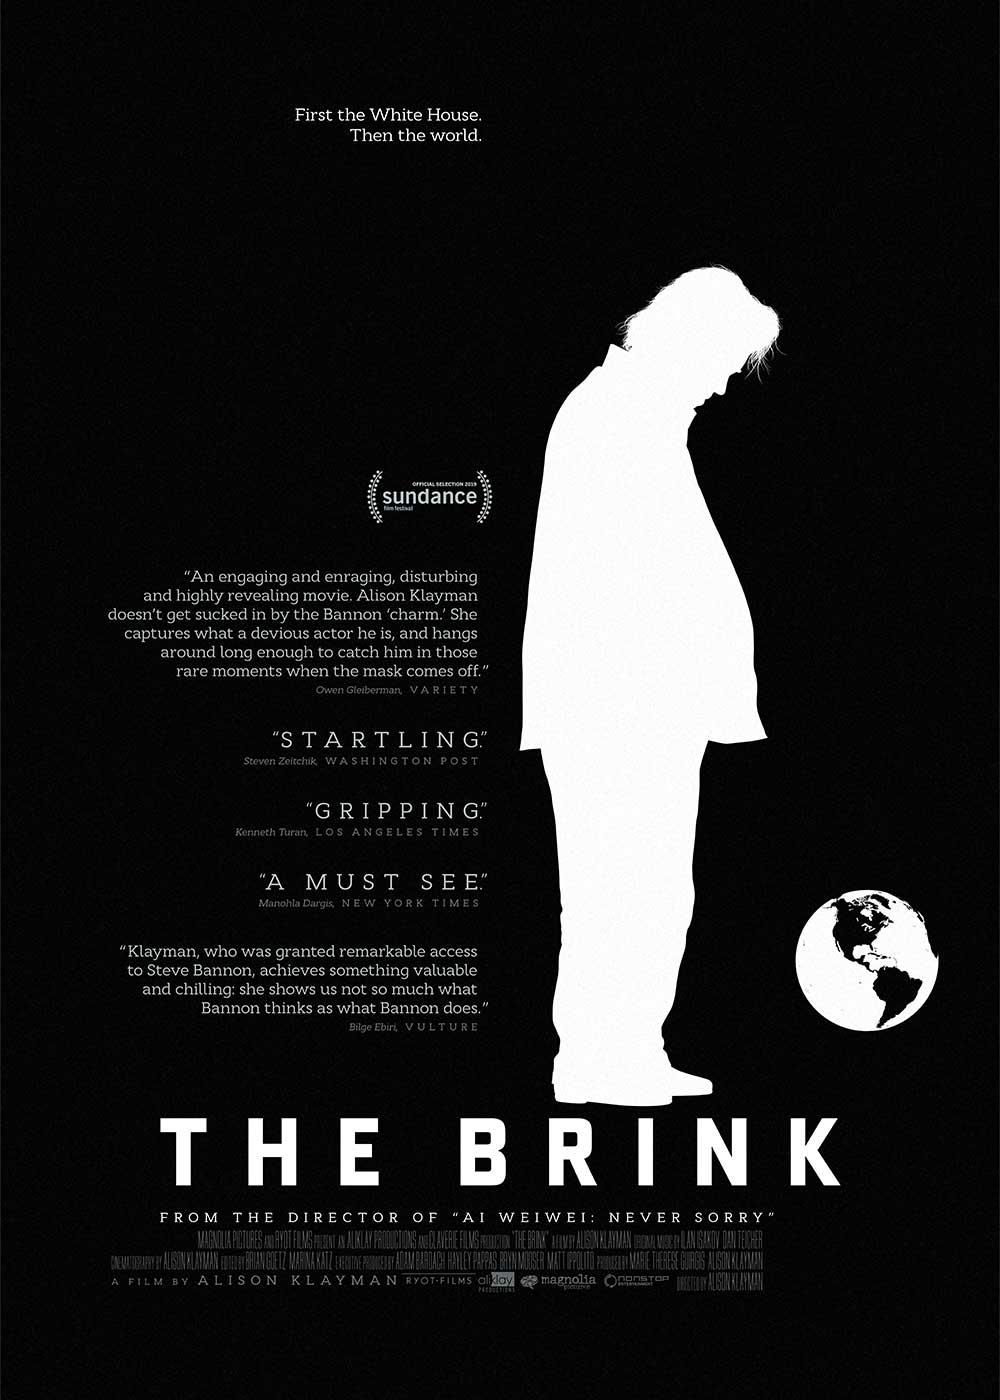 brink_poster.jpg